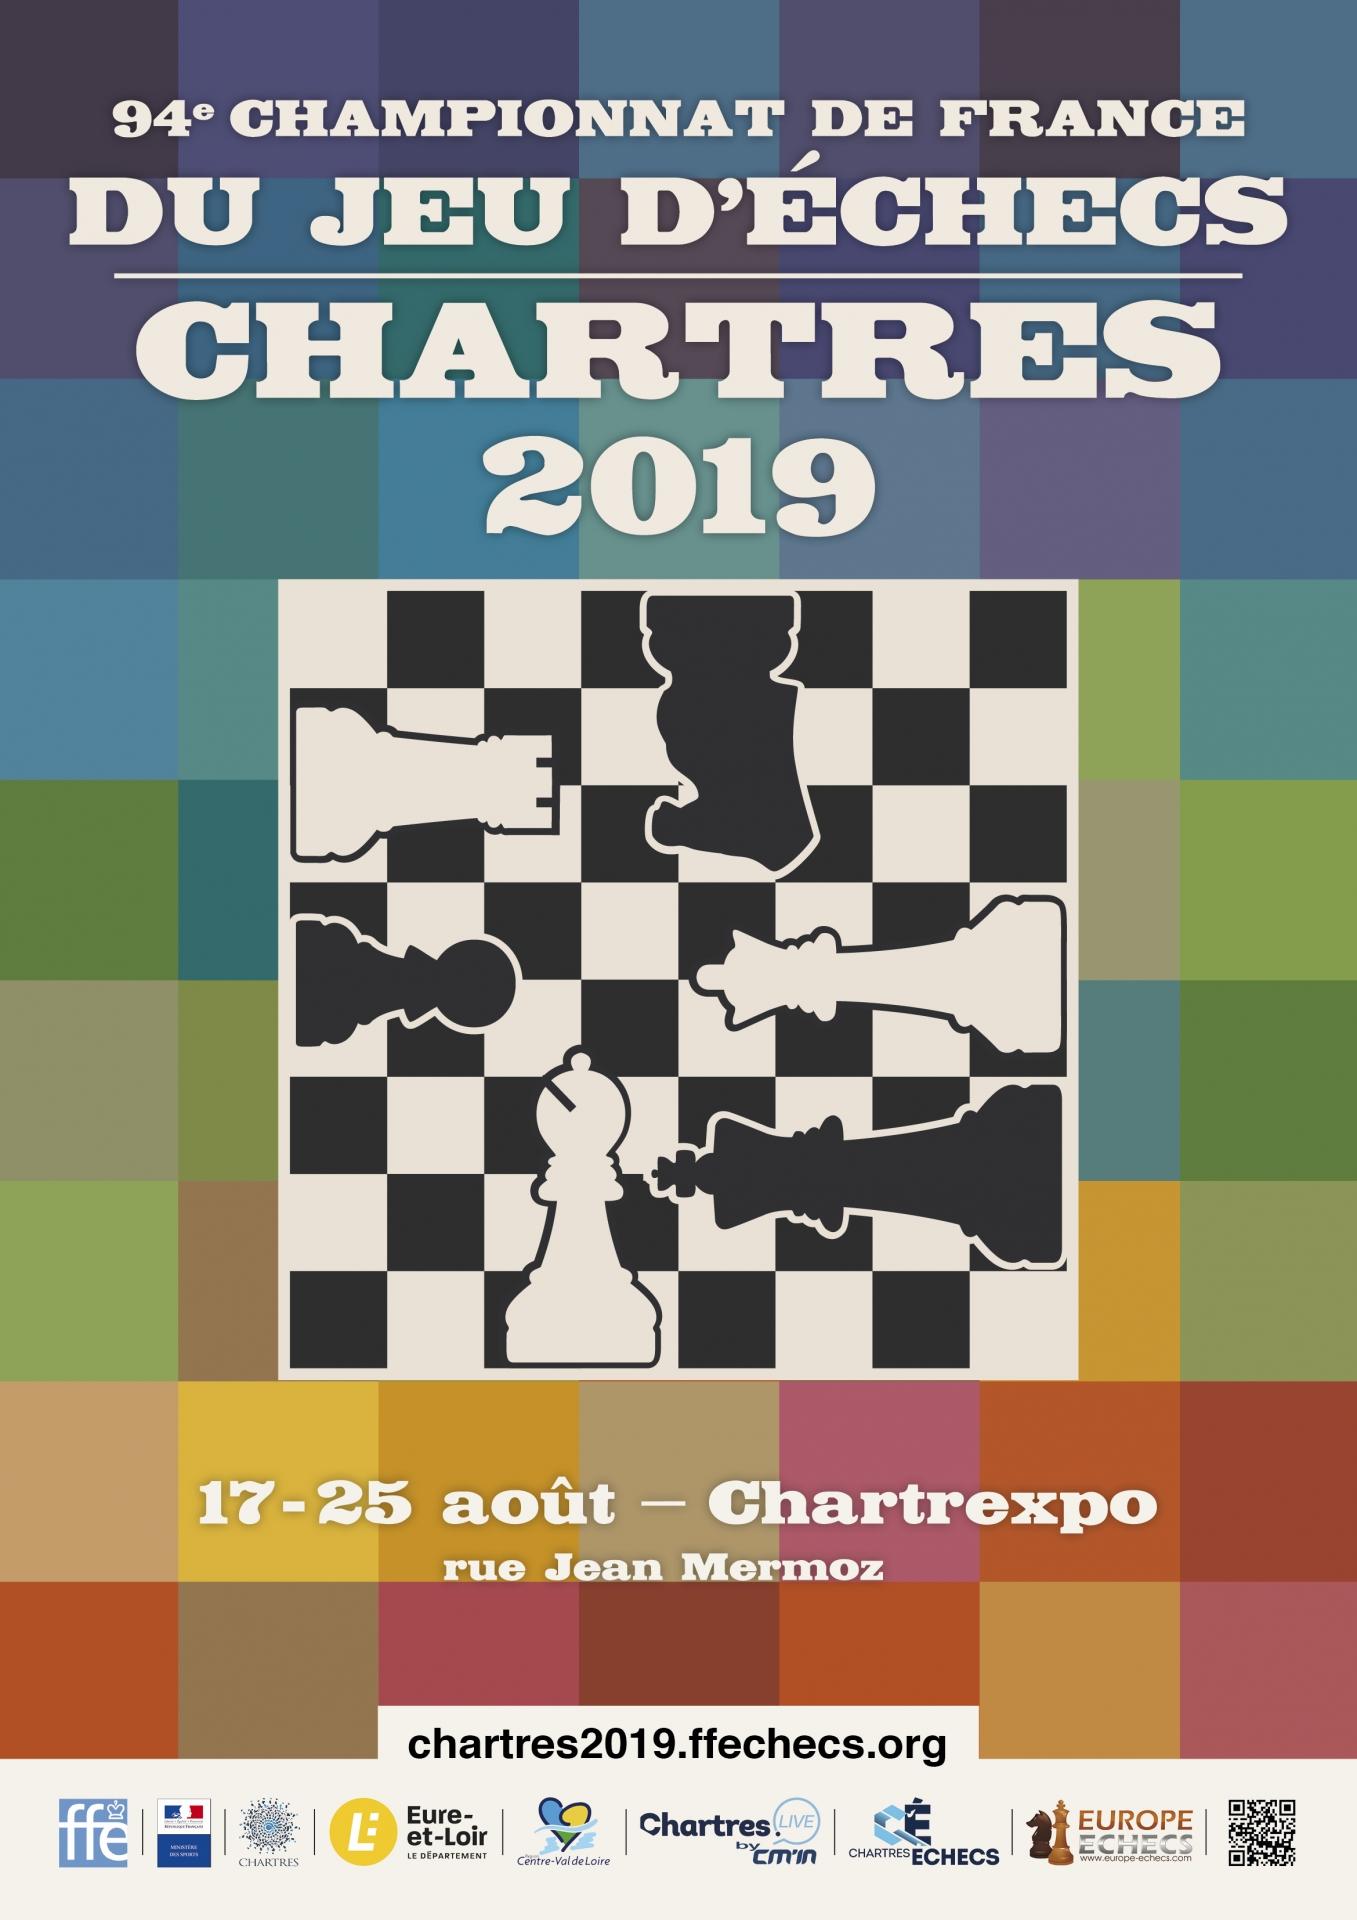 94-eme-championnat-de-france-du-jeu-d'échecs